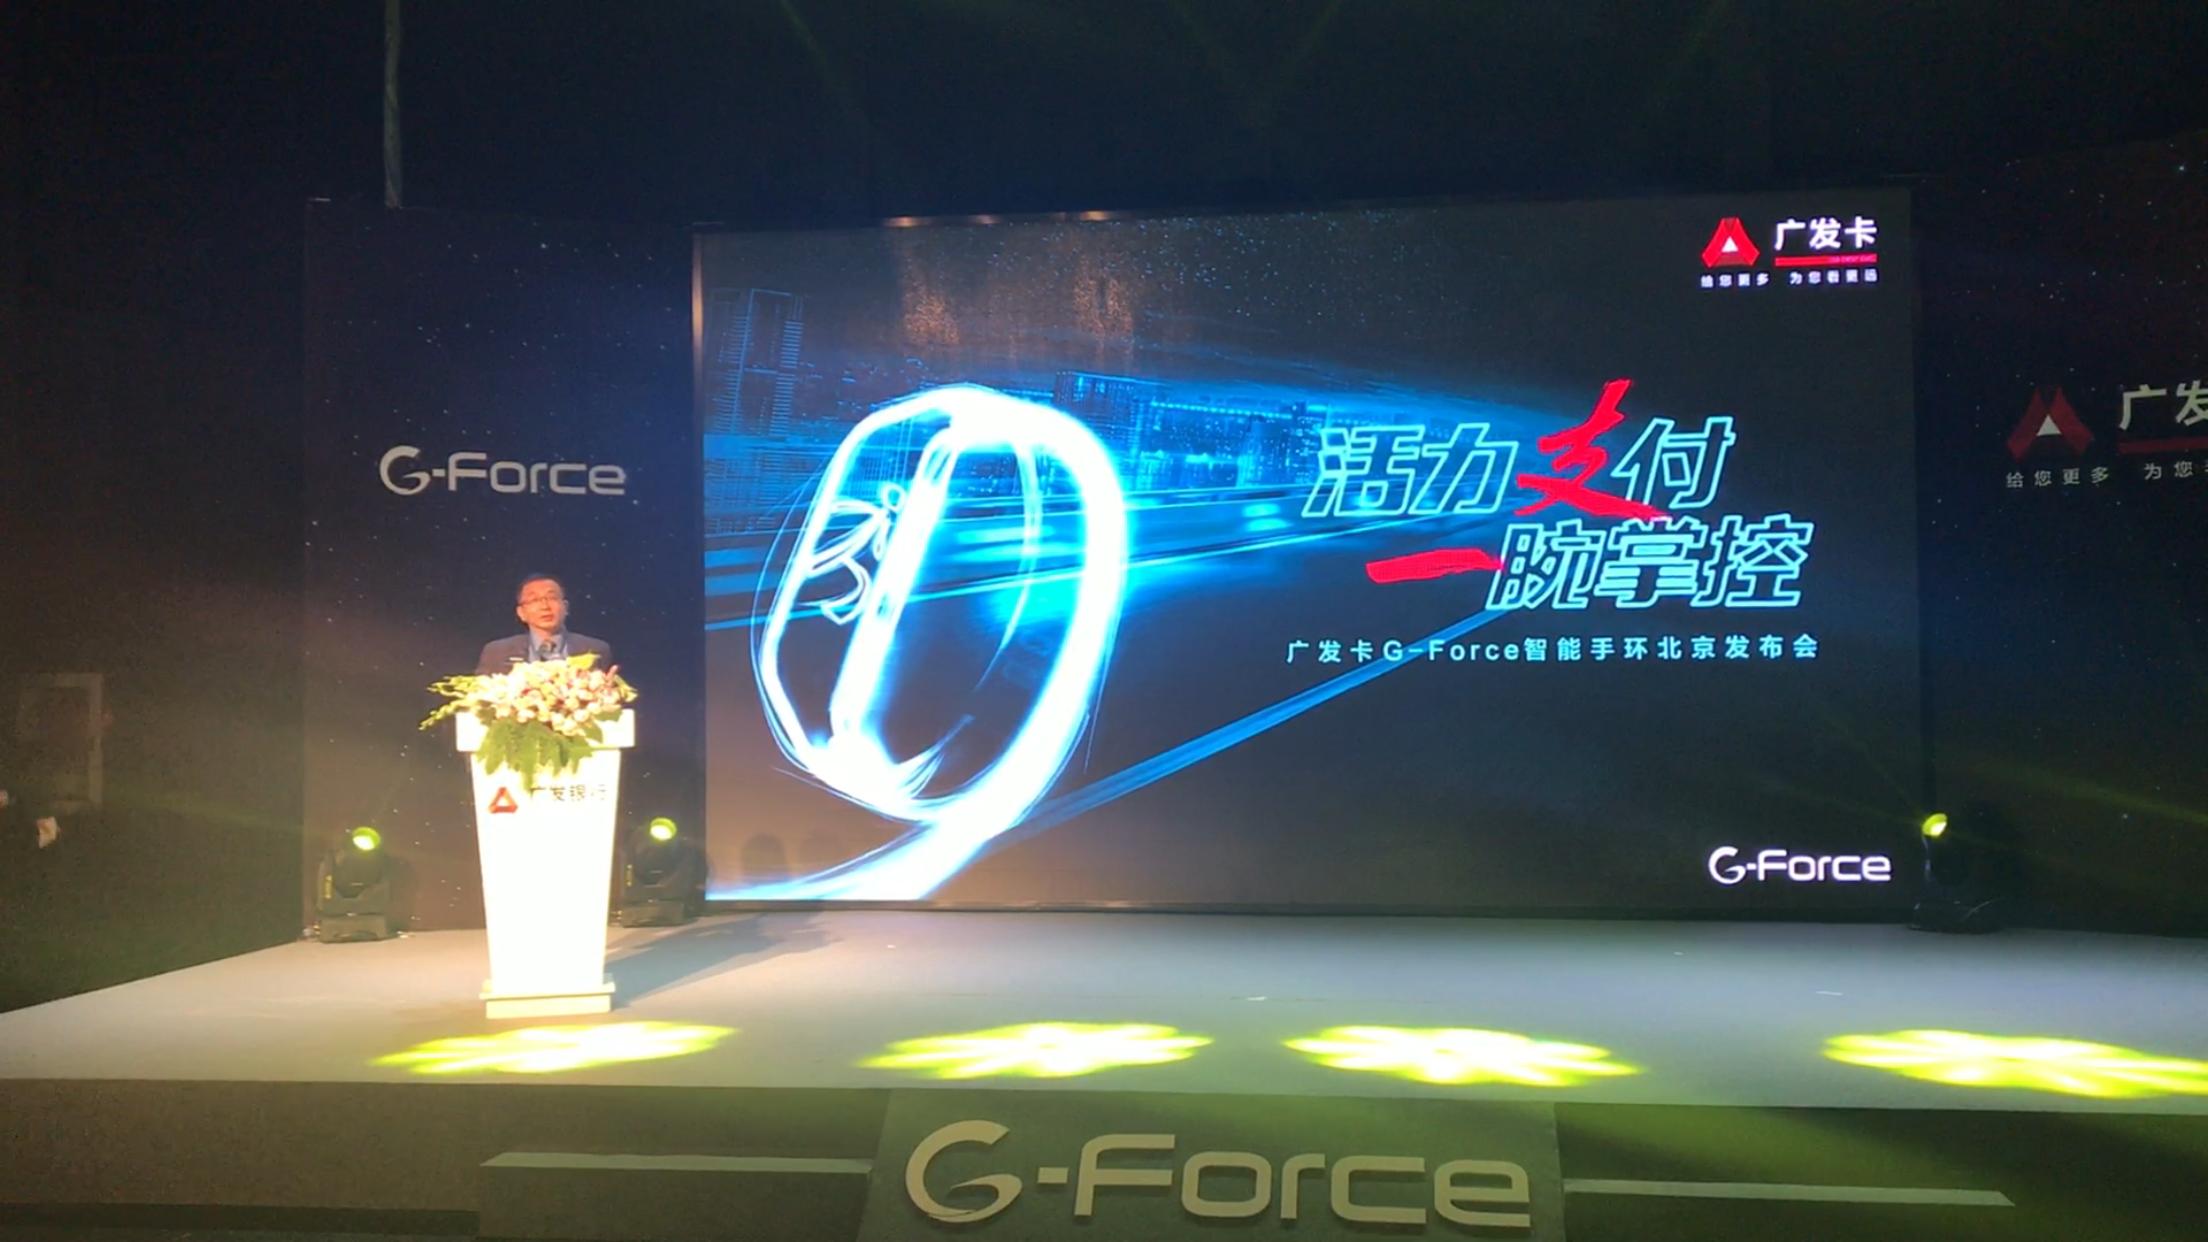 握奇助力广发银行打造G-Force智能手环 重拳布局移动支付市场